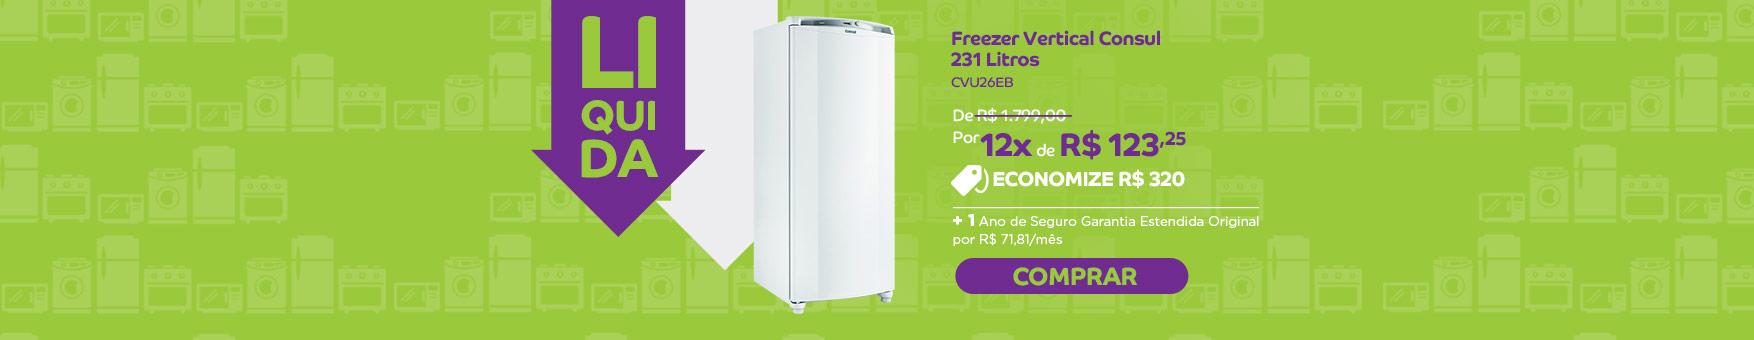 Promoção Interna - 102 - liquida_cvu26eb_home_29062015 - cvu26eb - 4